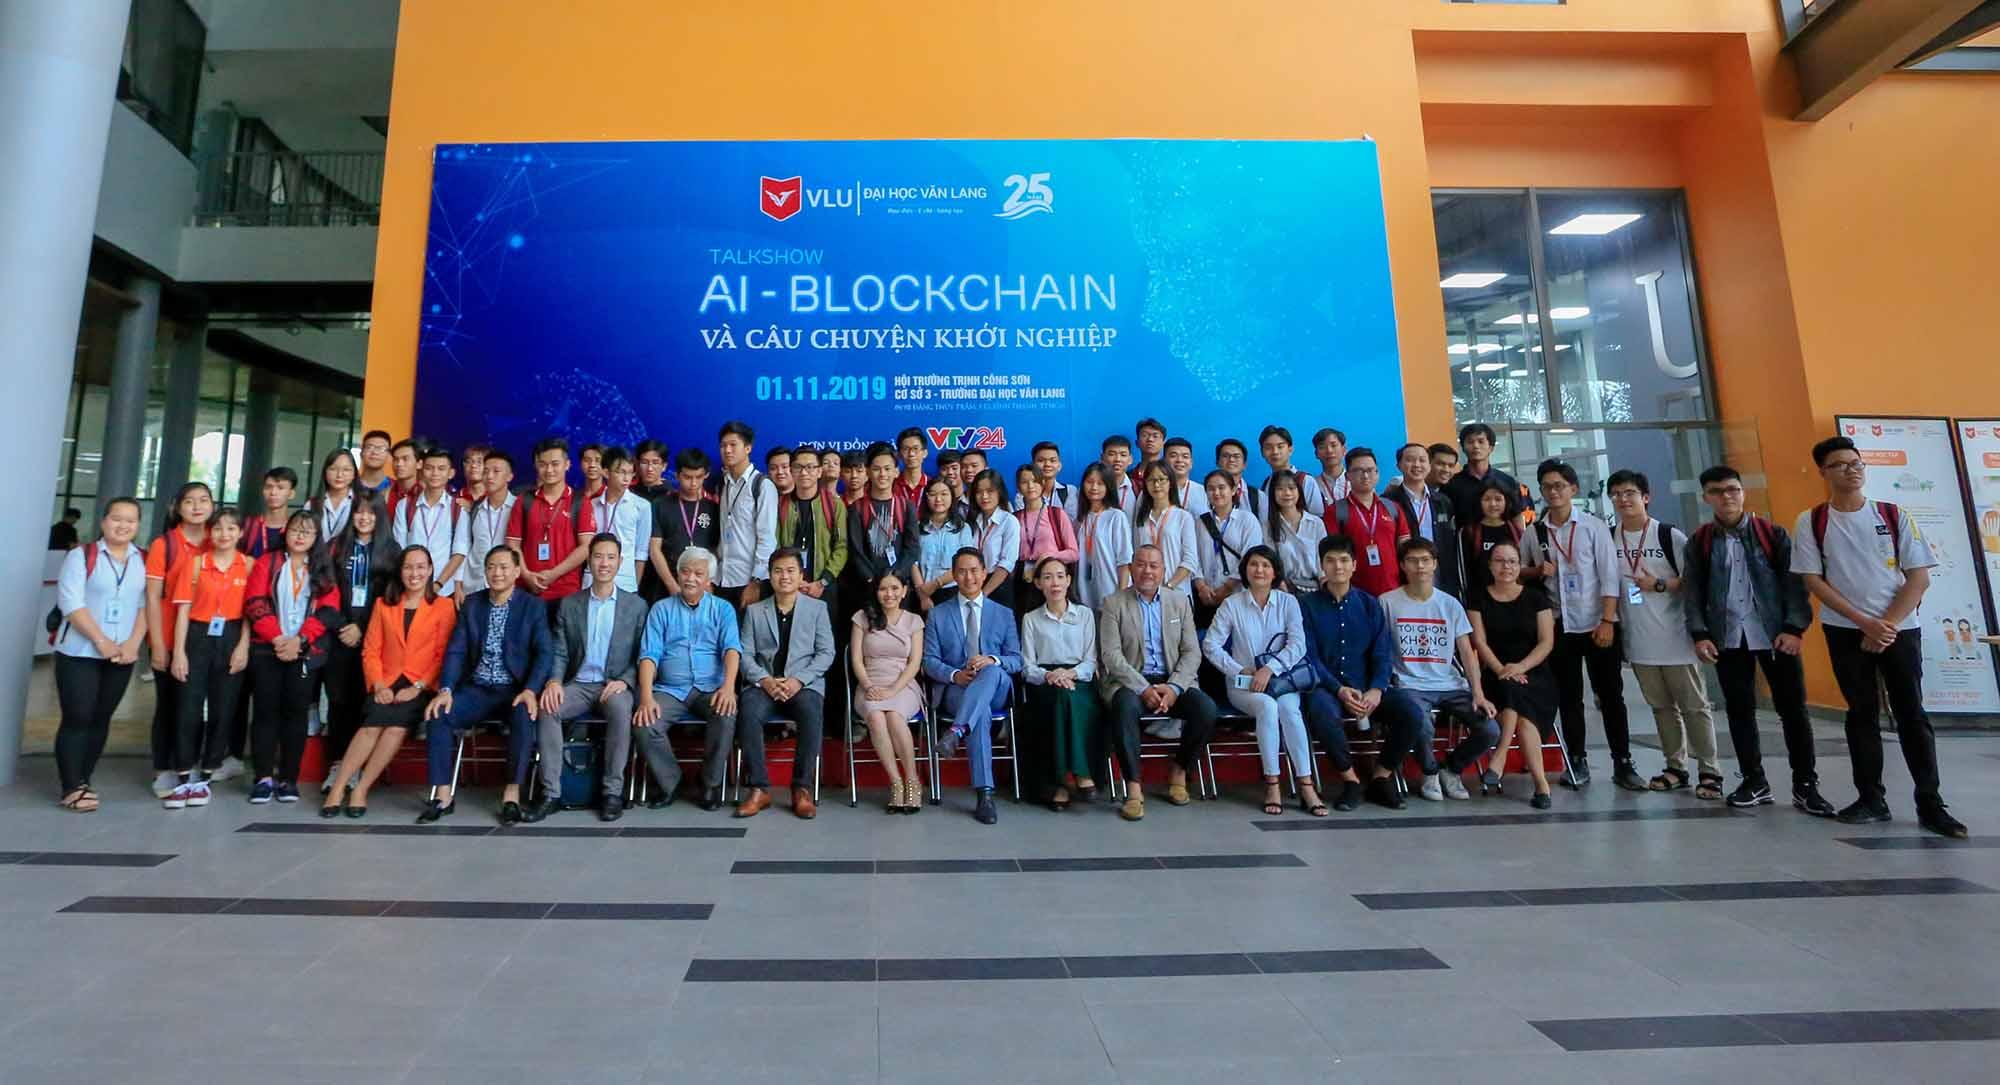 ai blockchain khoi nghiep 12